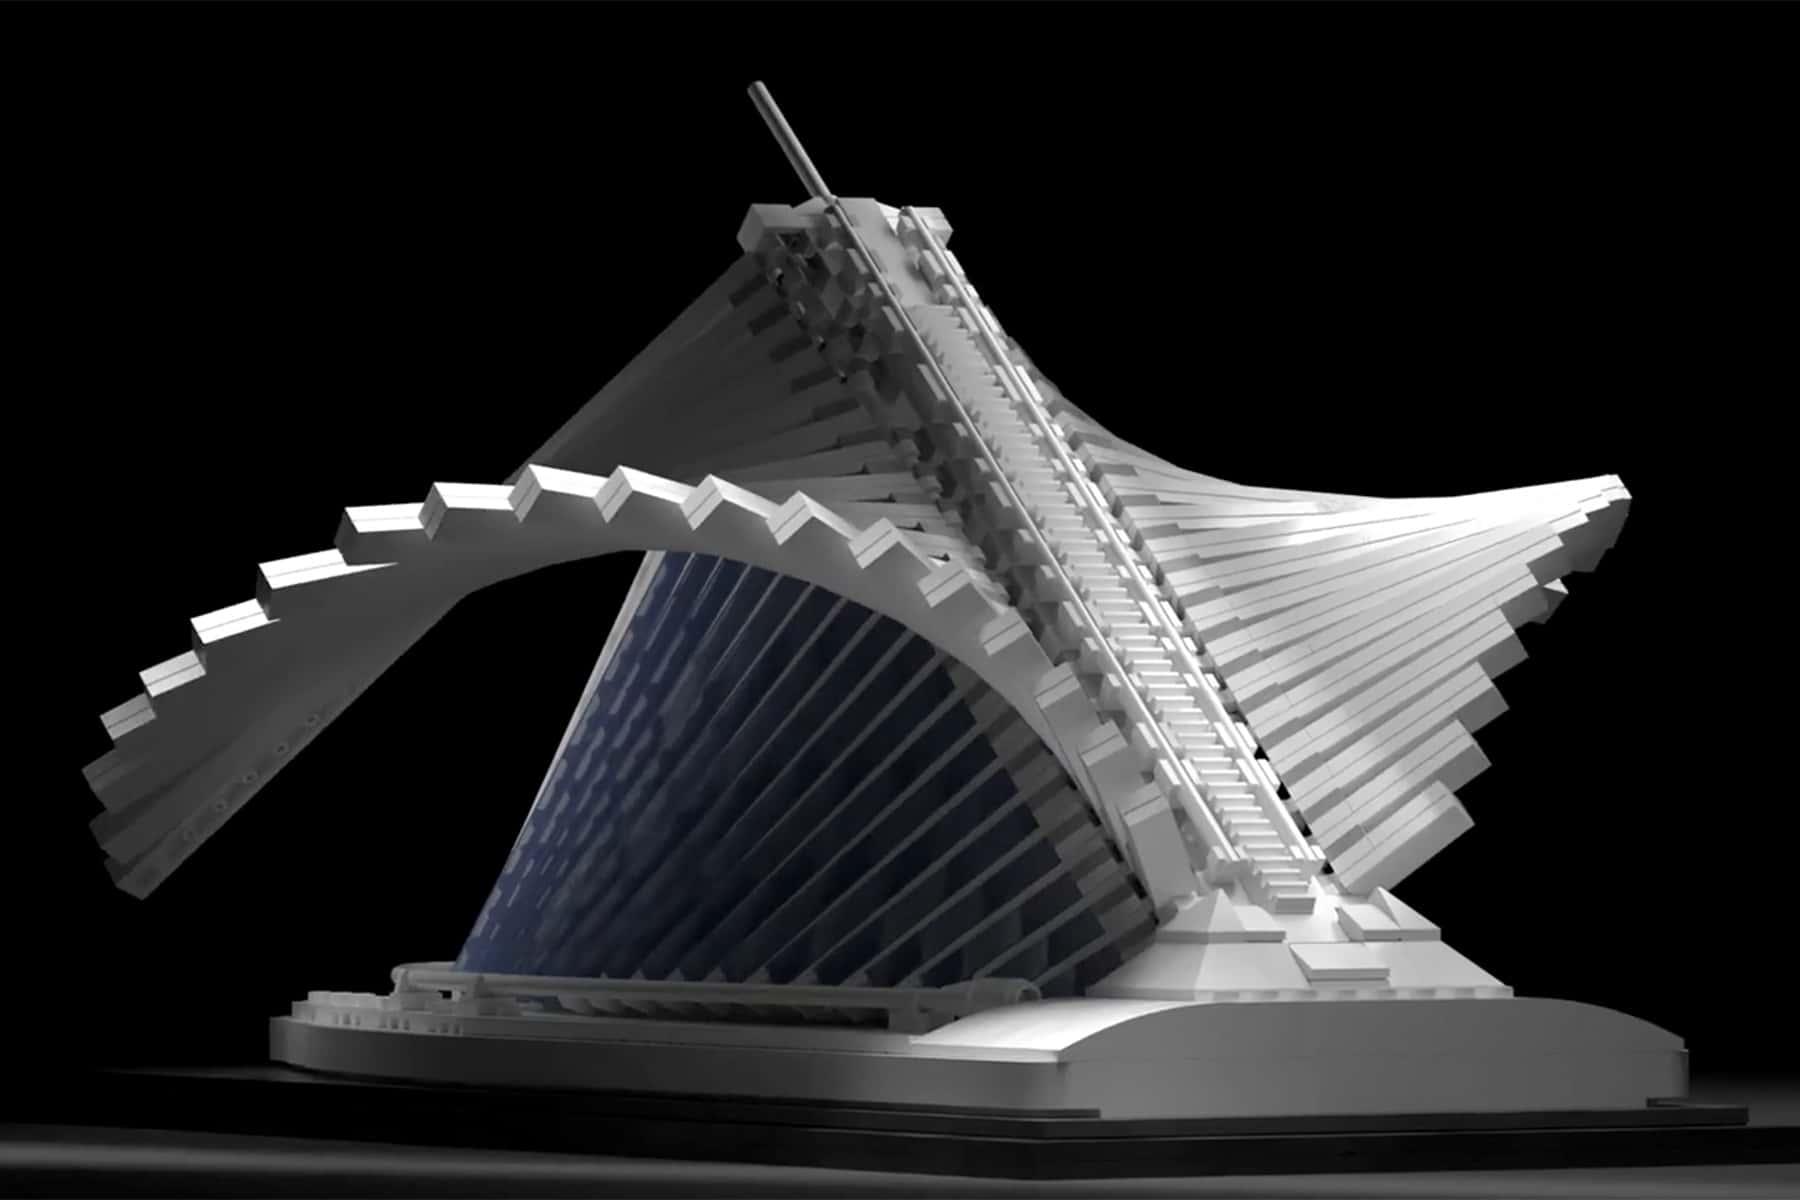 LEGO design contest aims to bring replica of Calatrava's Art Museum